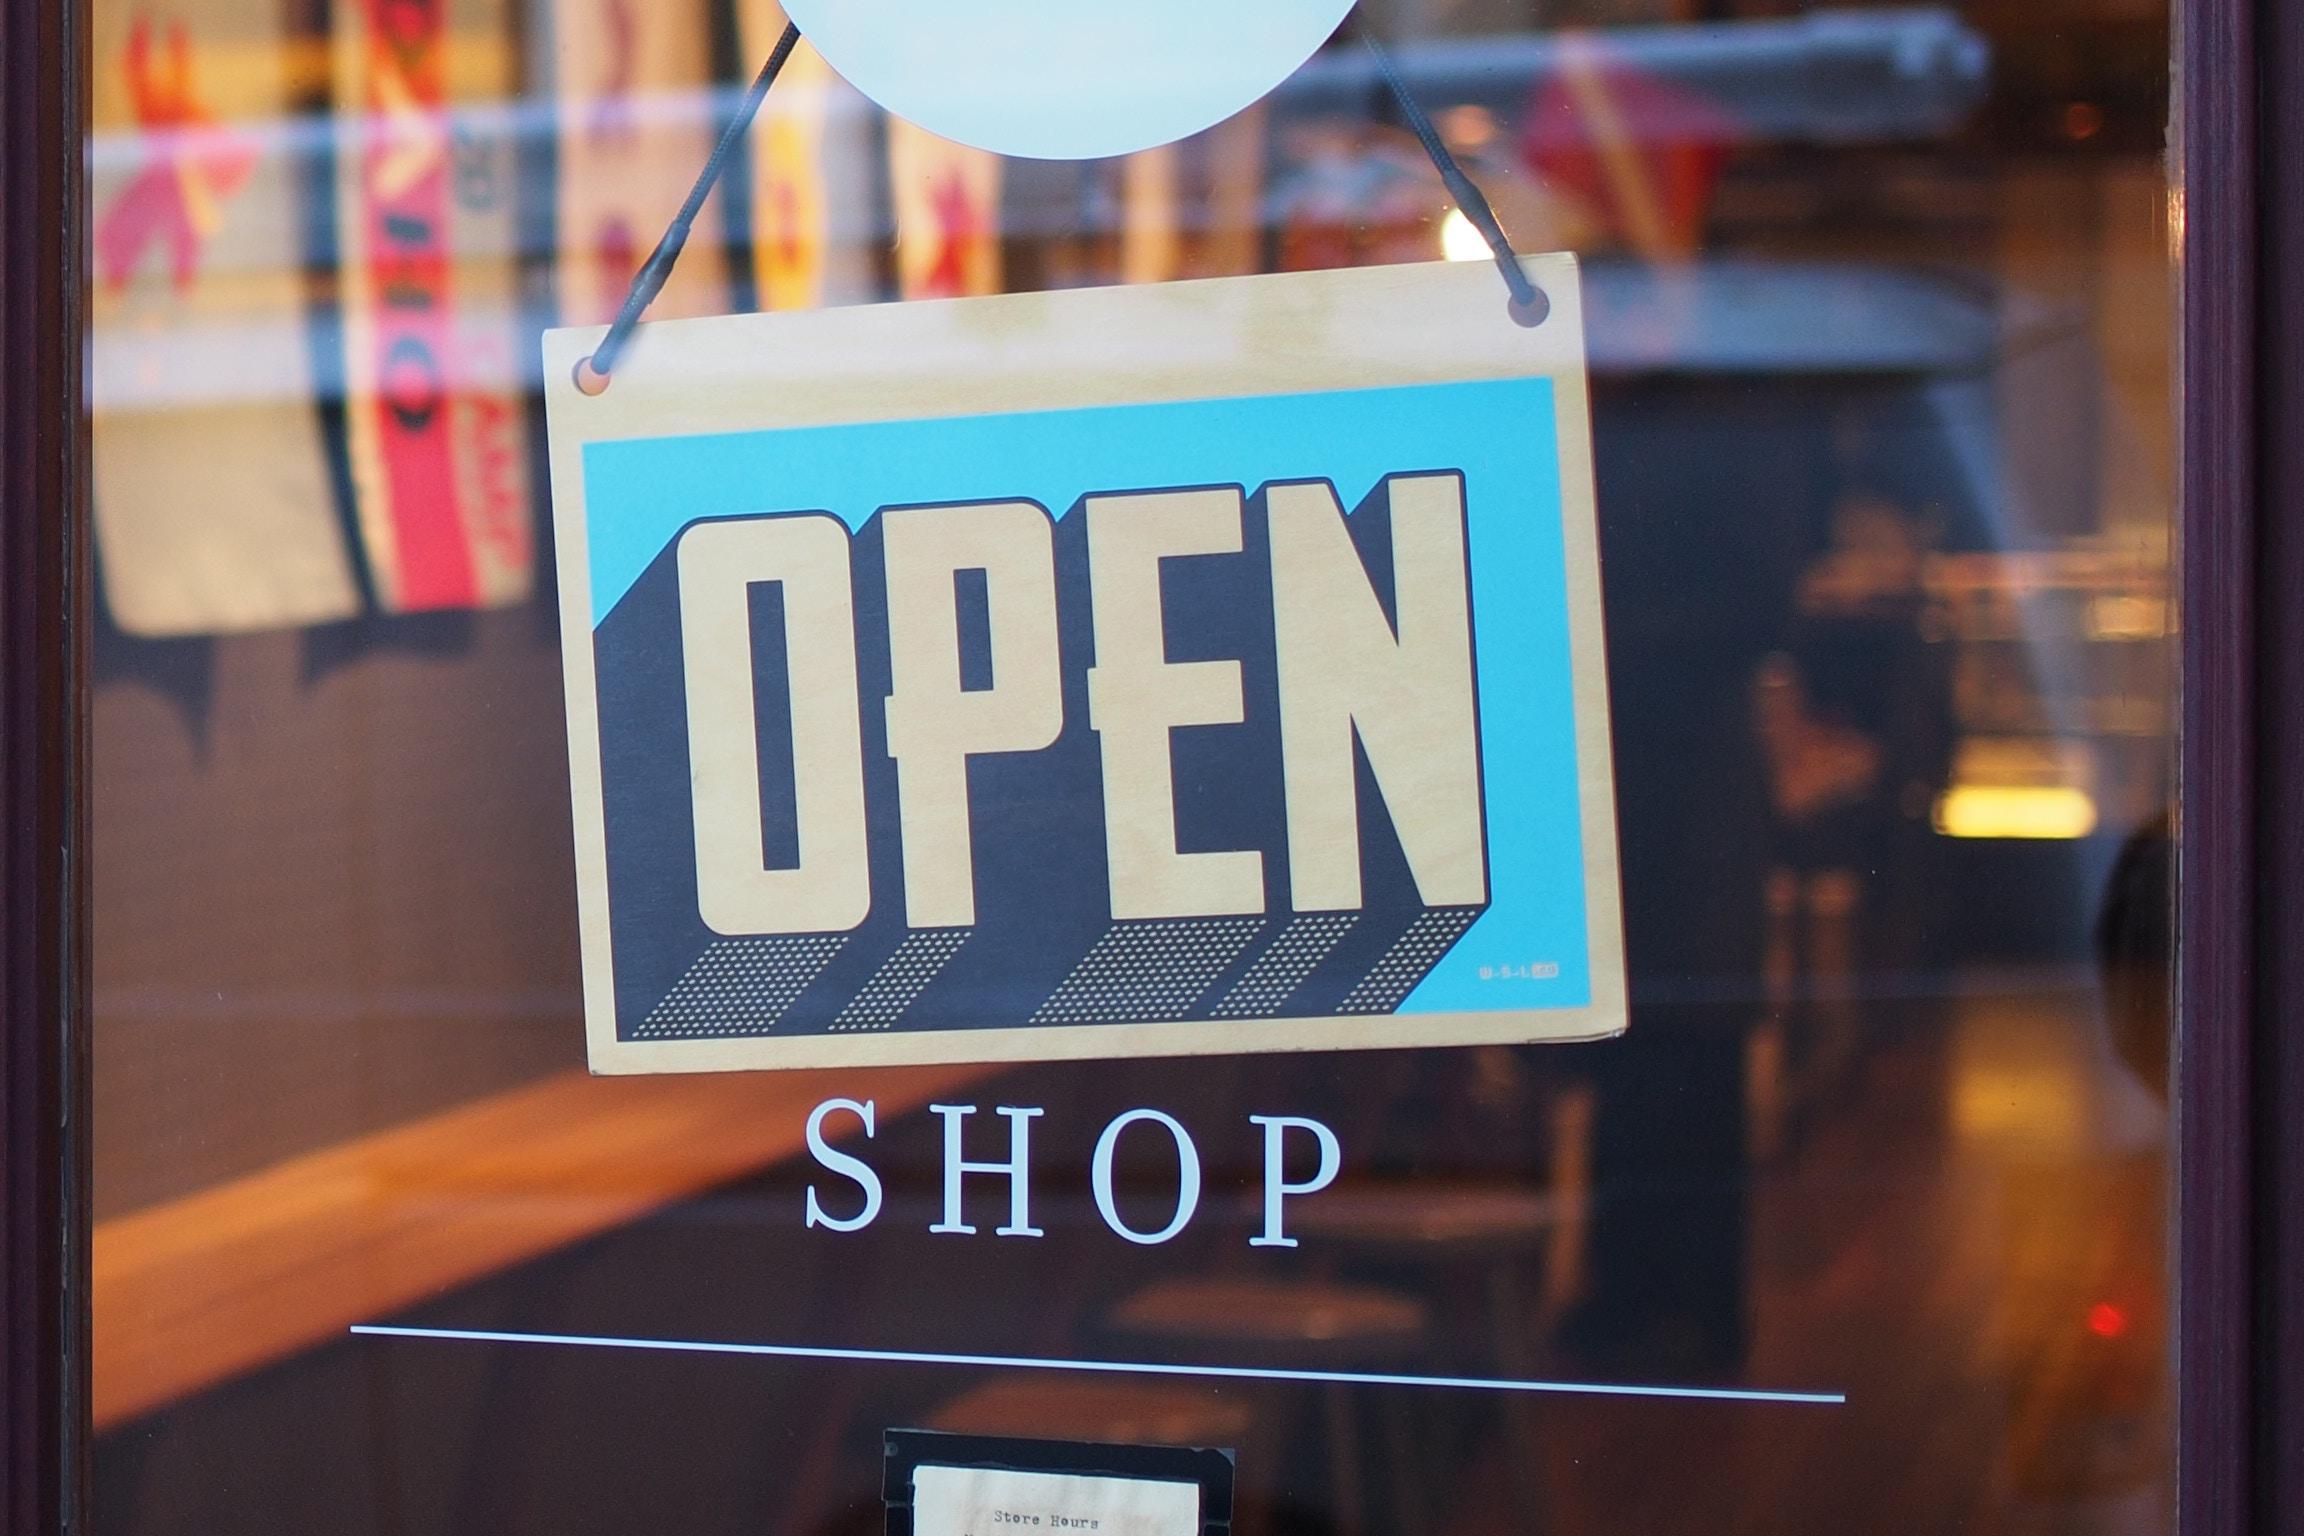 An open shop sign